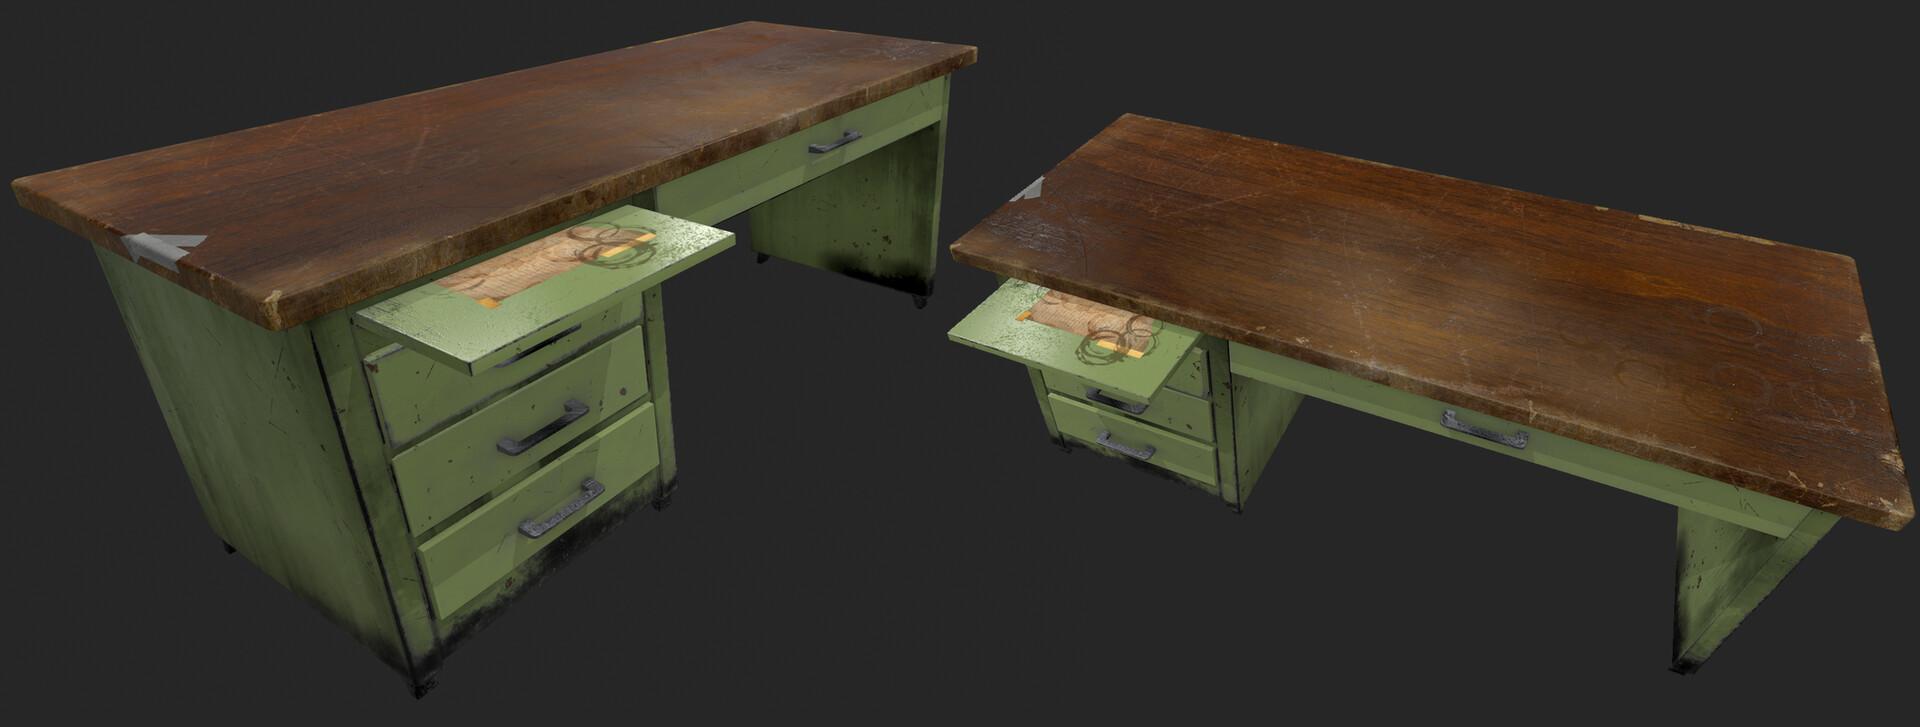 Morgan mcdermott deskc